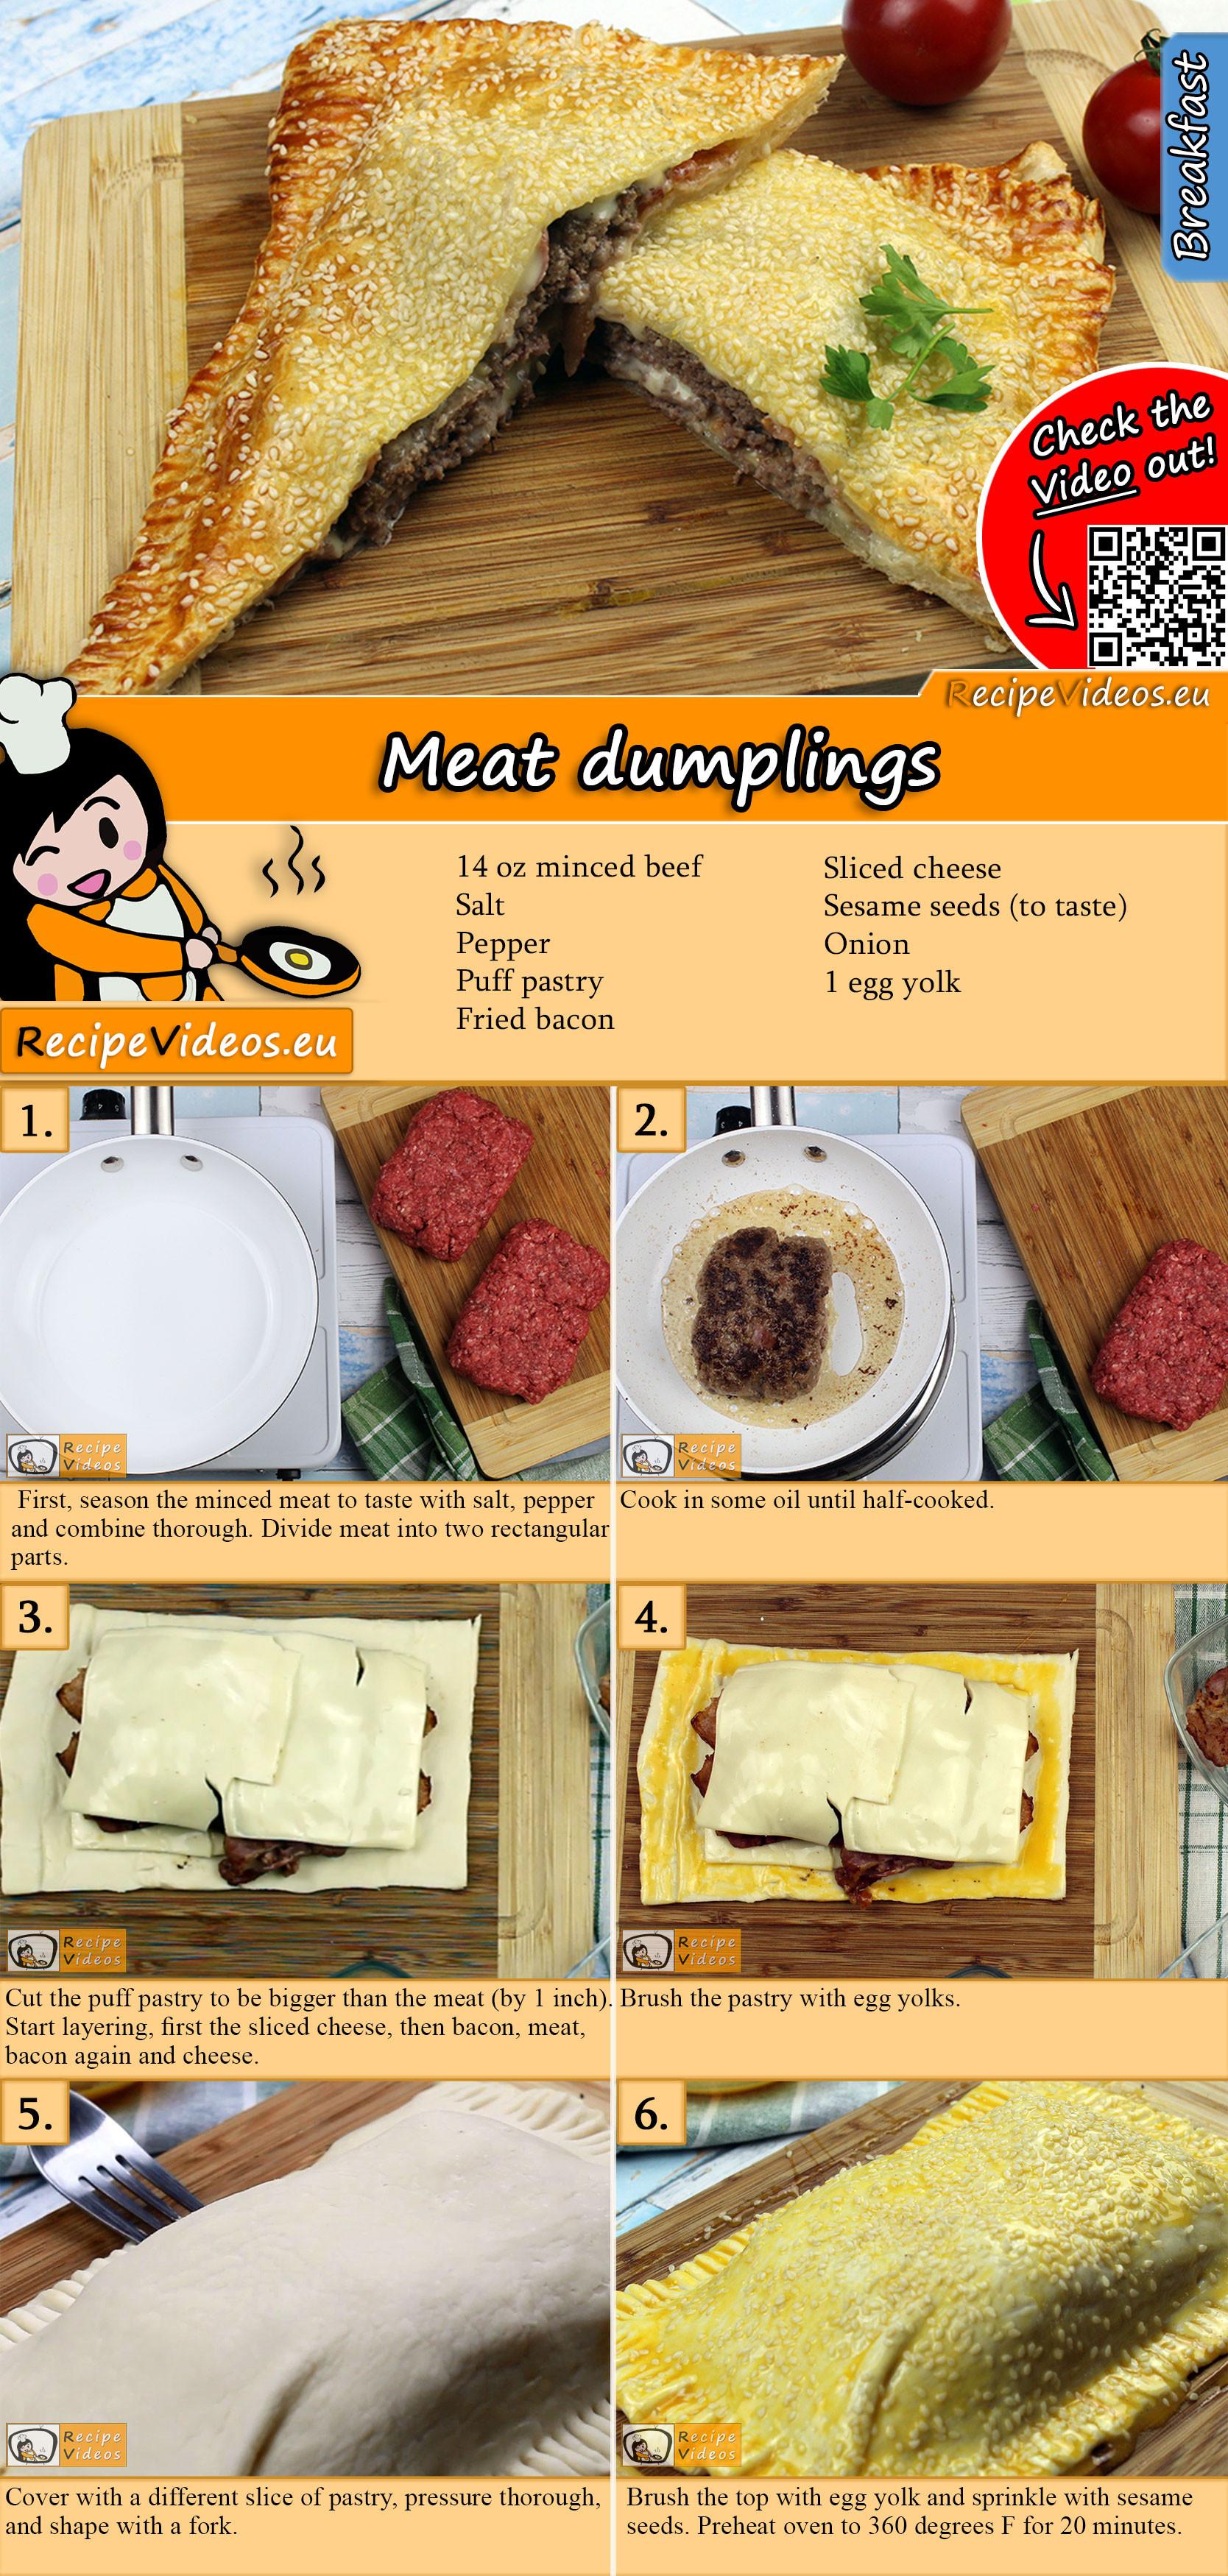 Meat dumplings recipe with video